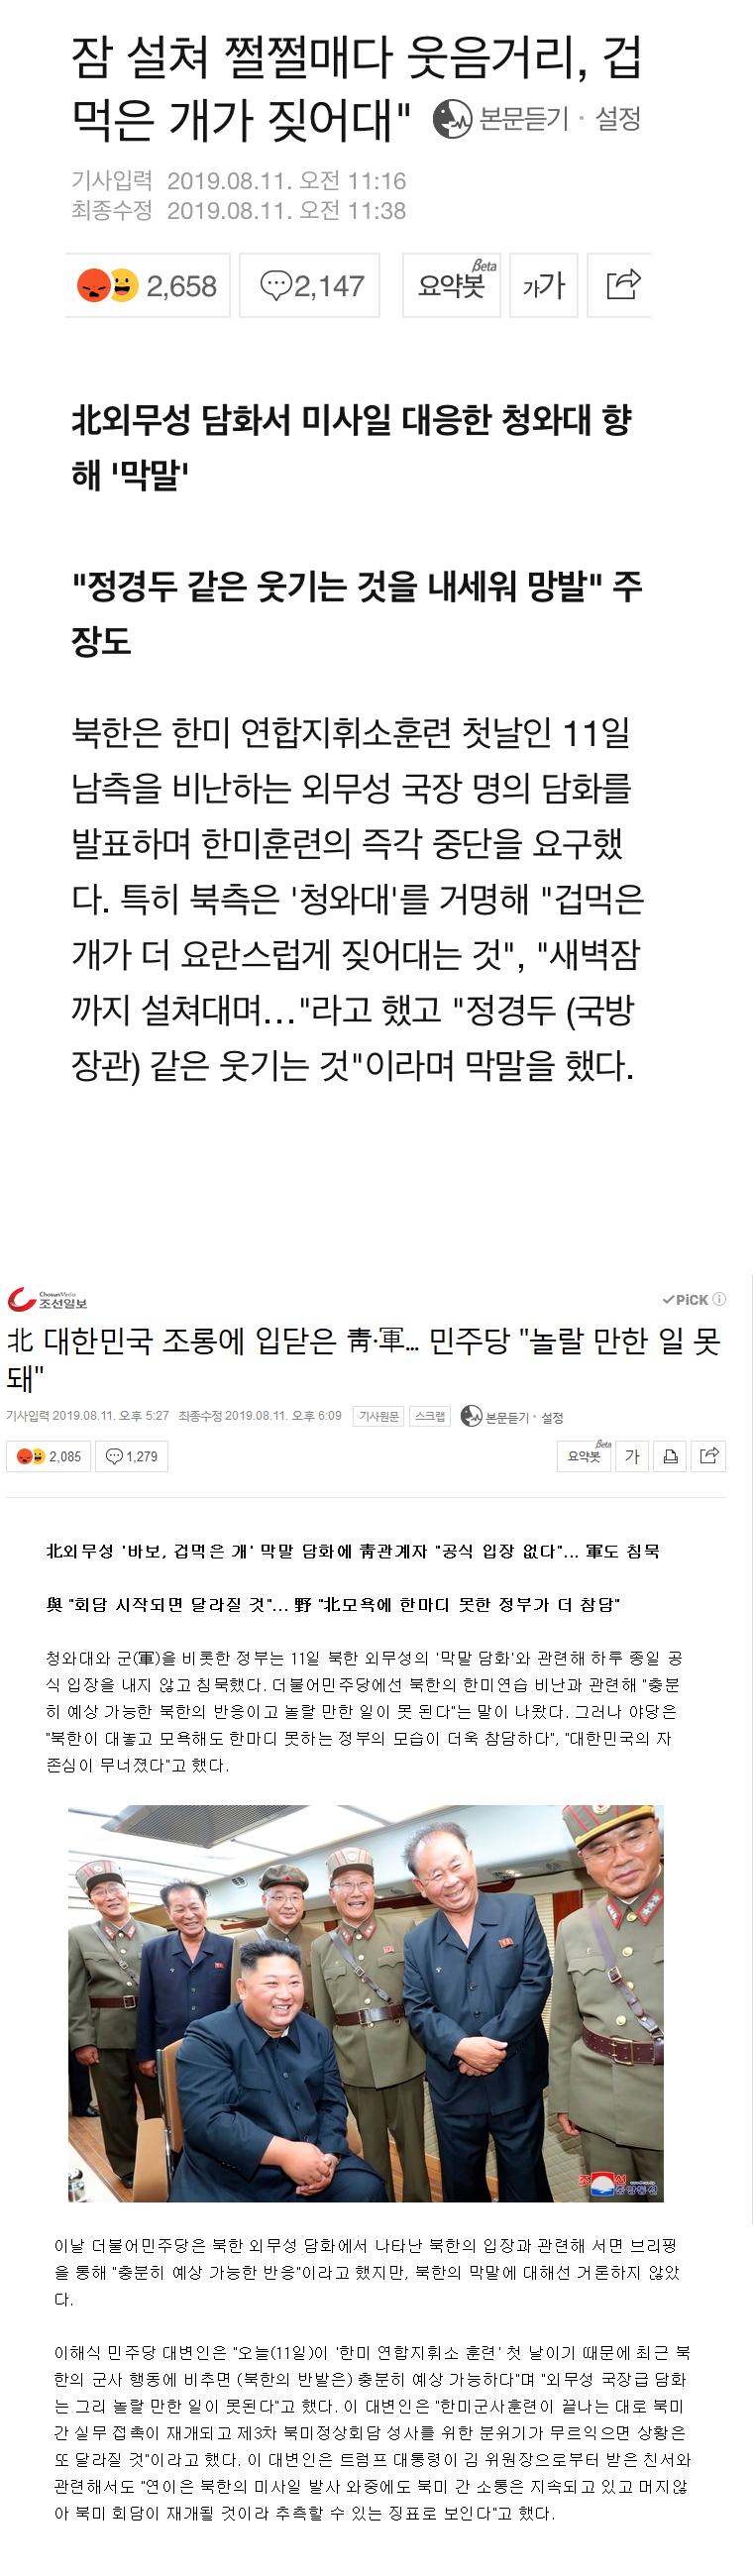 북한 외무성 담화